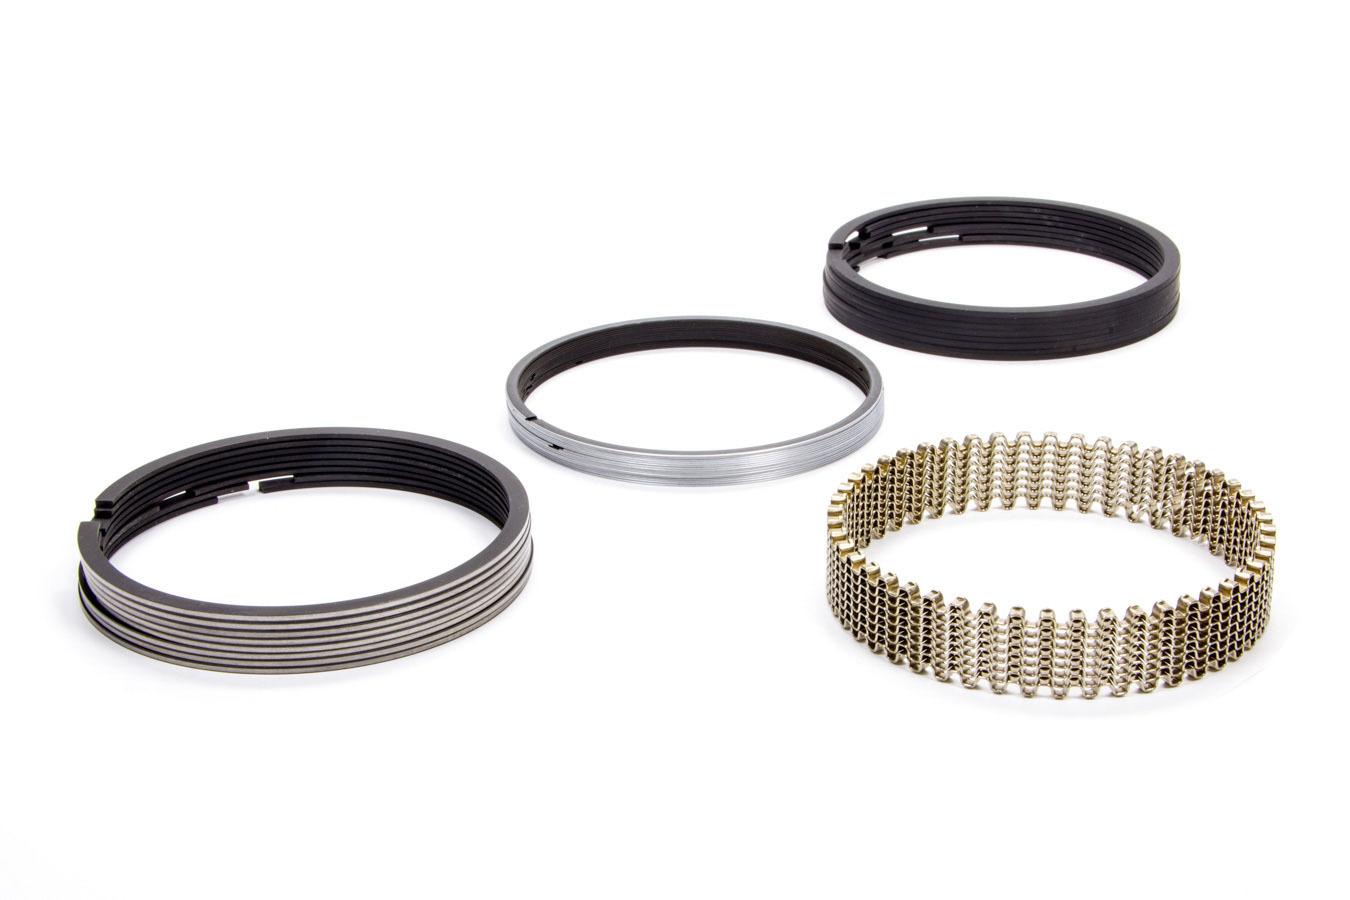 Piston Ring Set 4.250 5/64 5/64 3/16